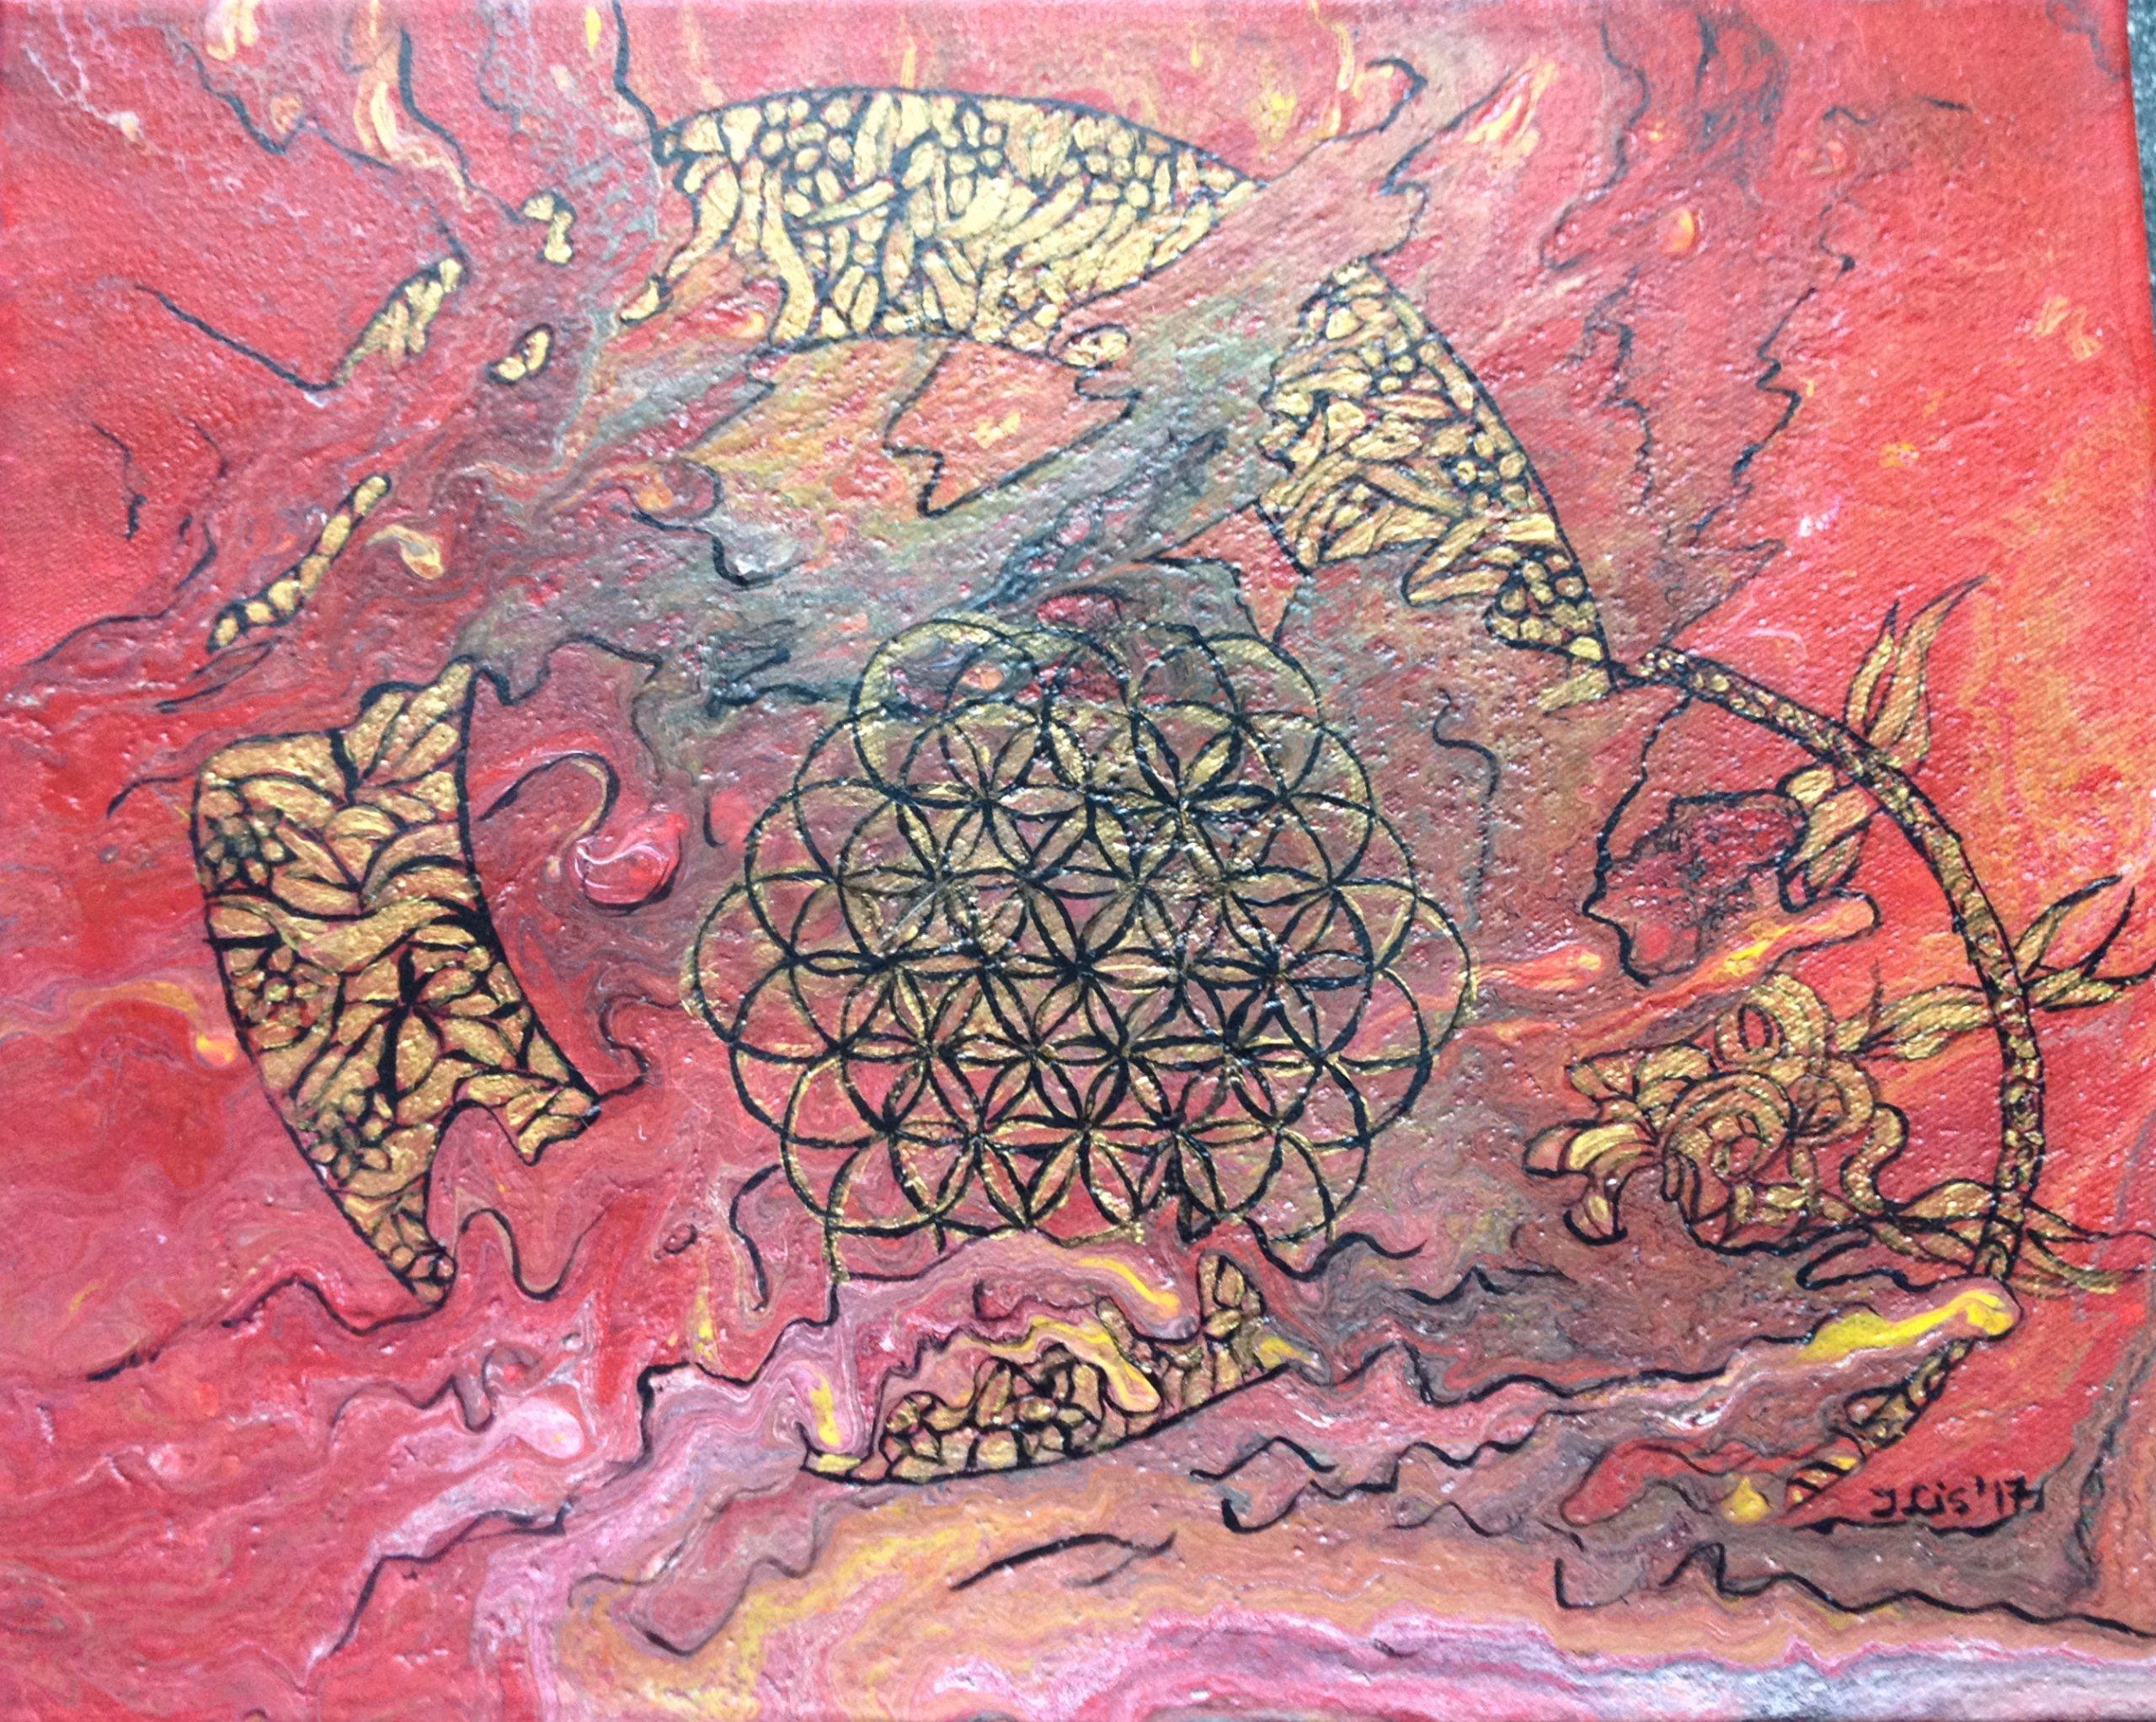 Obraz Akrylowy Kwiat życia 7207665272 Oficjalne Archiwum Allegro